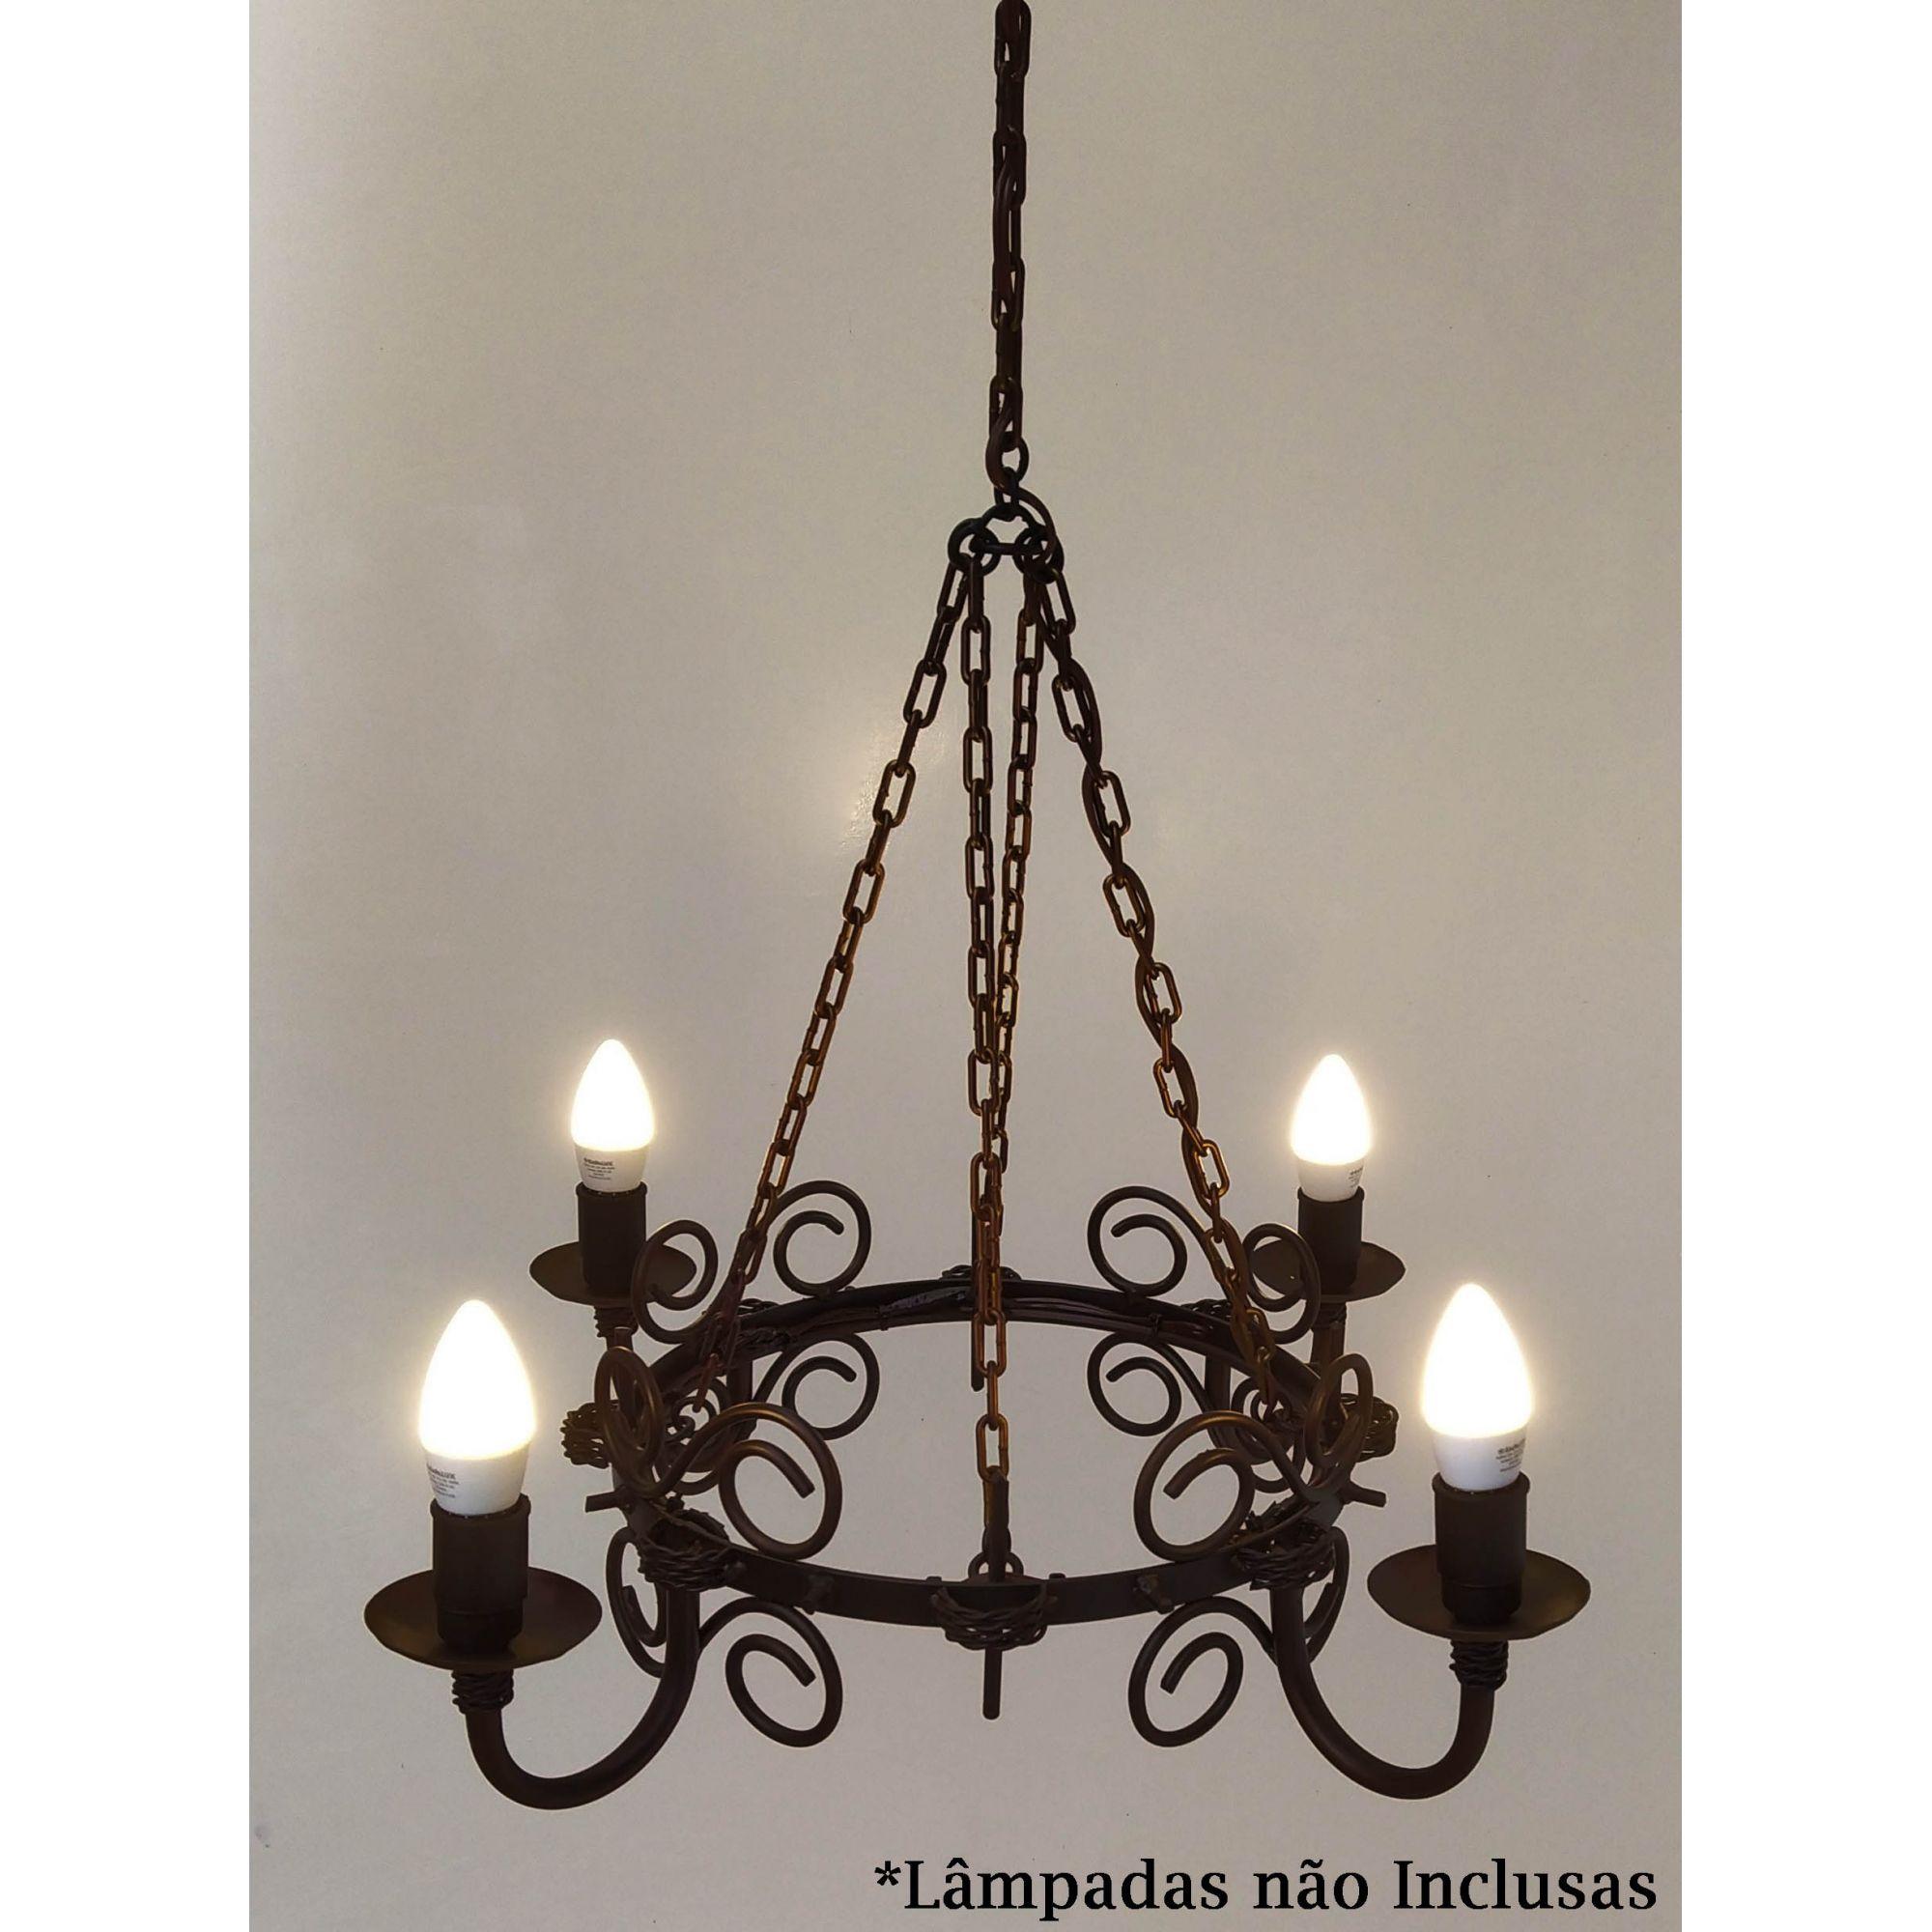 Lustre Rustico Medieval em Ferro para Iluminação de Sala de Estar Retrô